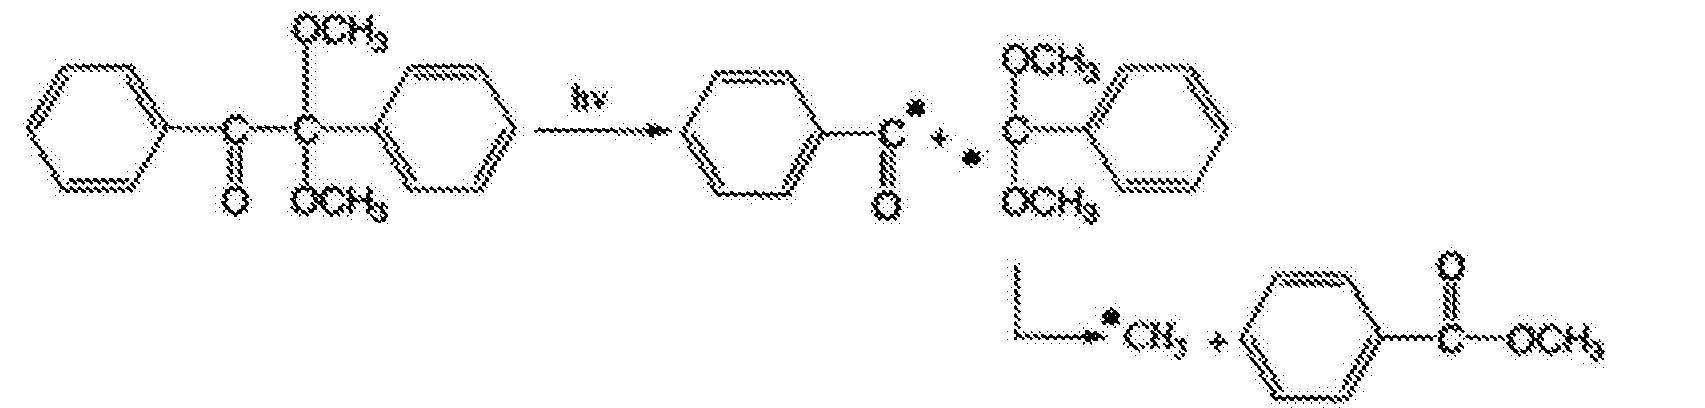 Figure CN104238198BD00111